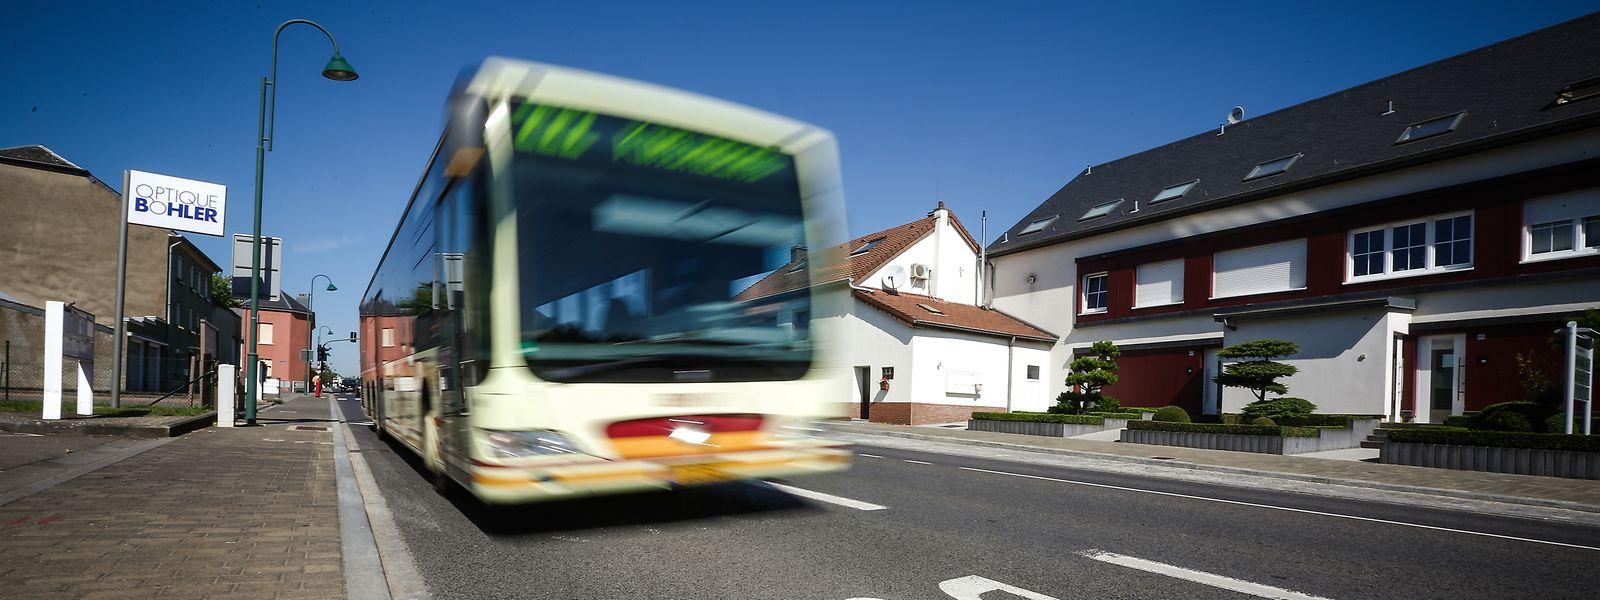 Le service «Adapto» sera gratuit au même titre que les autres transports, à compter du 1er mars 2020.